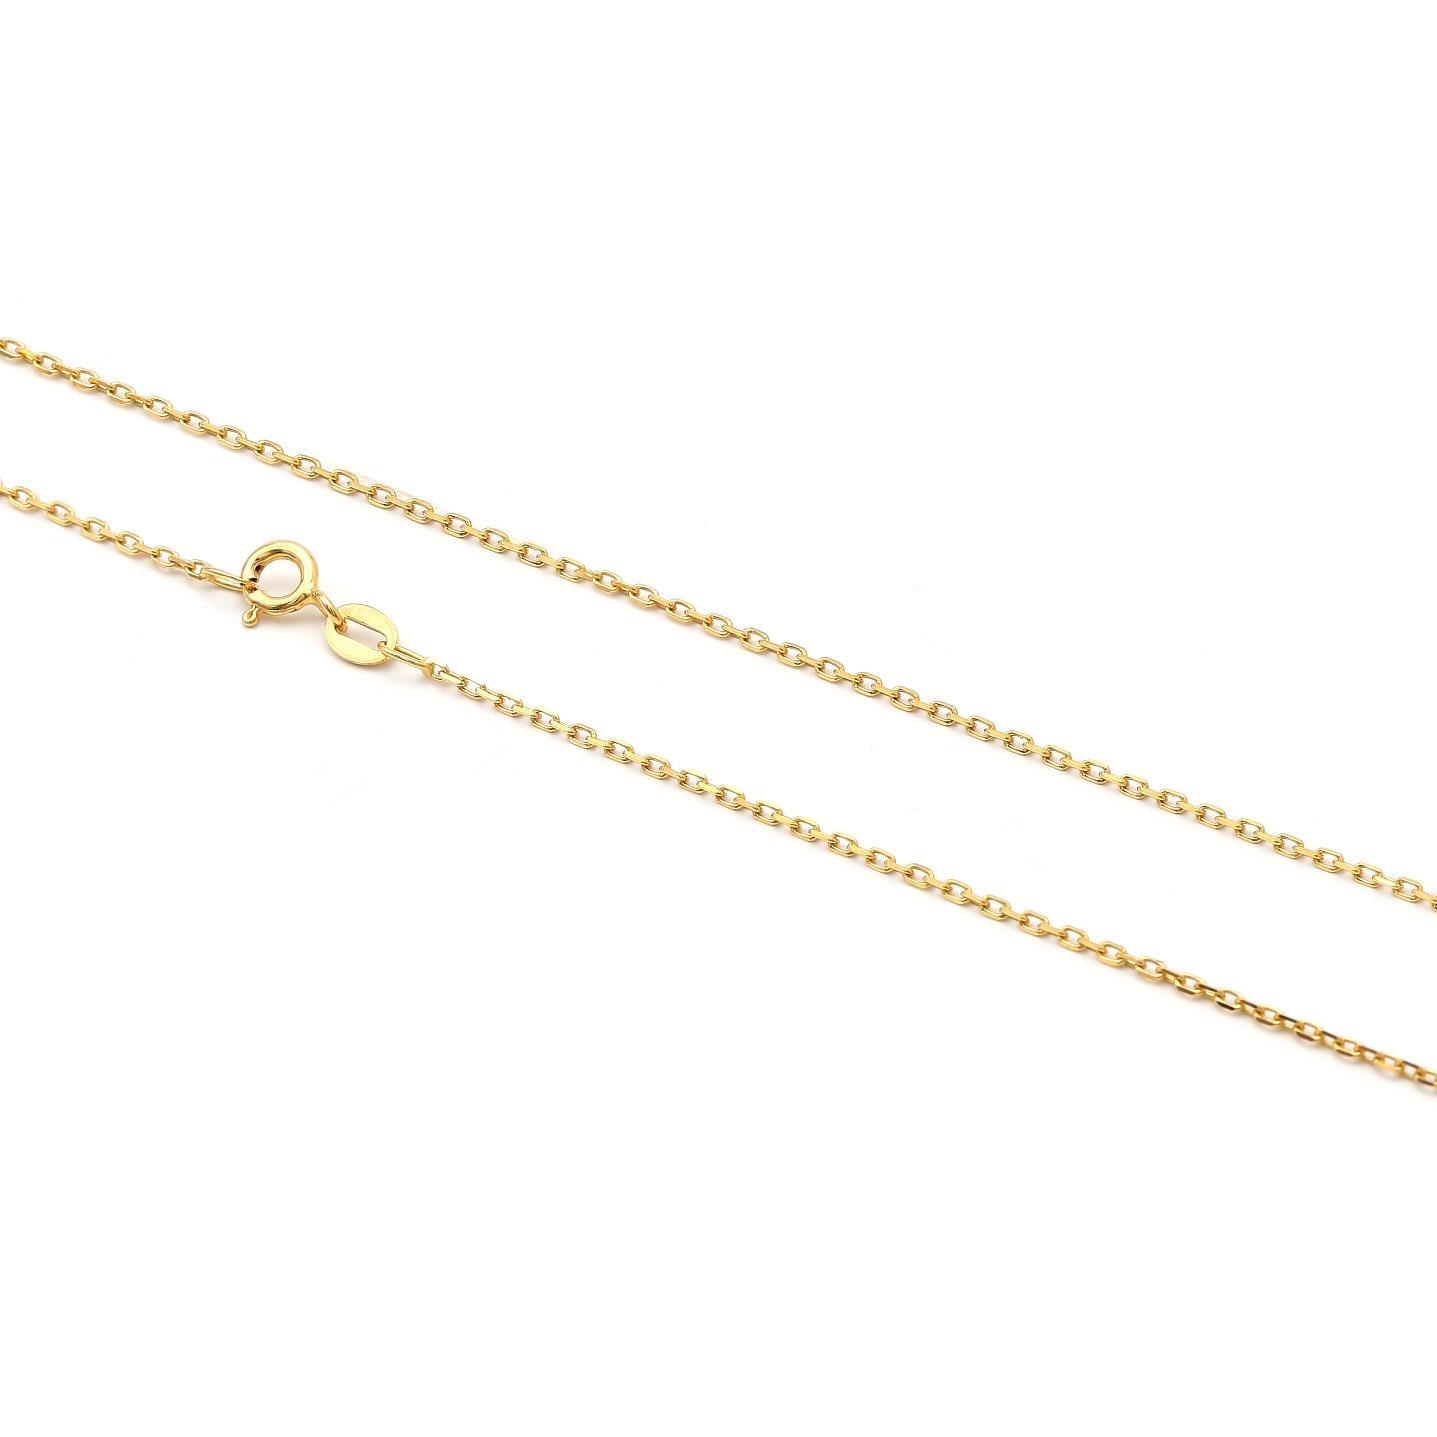 Zlatá retiazka ROSETTA 3RZ00029